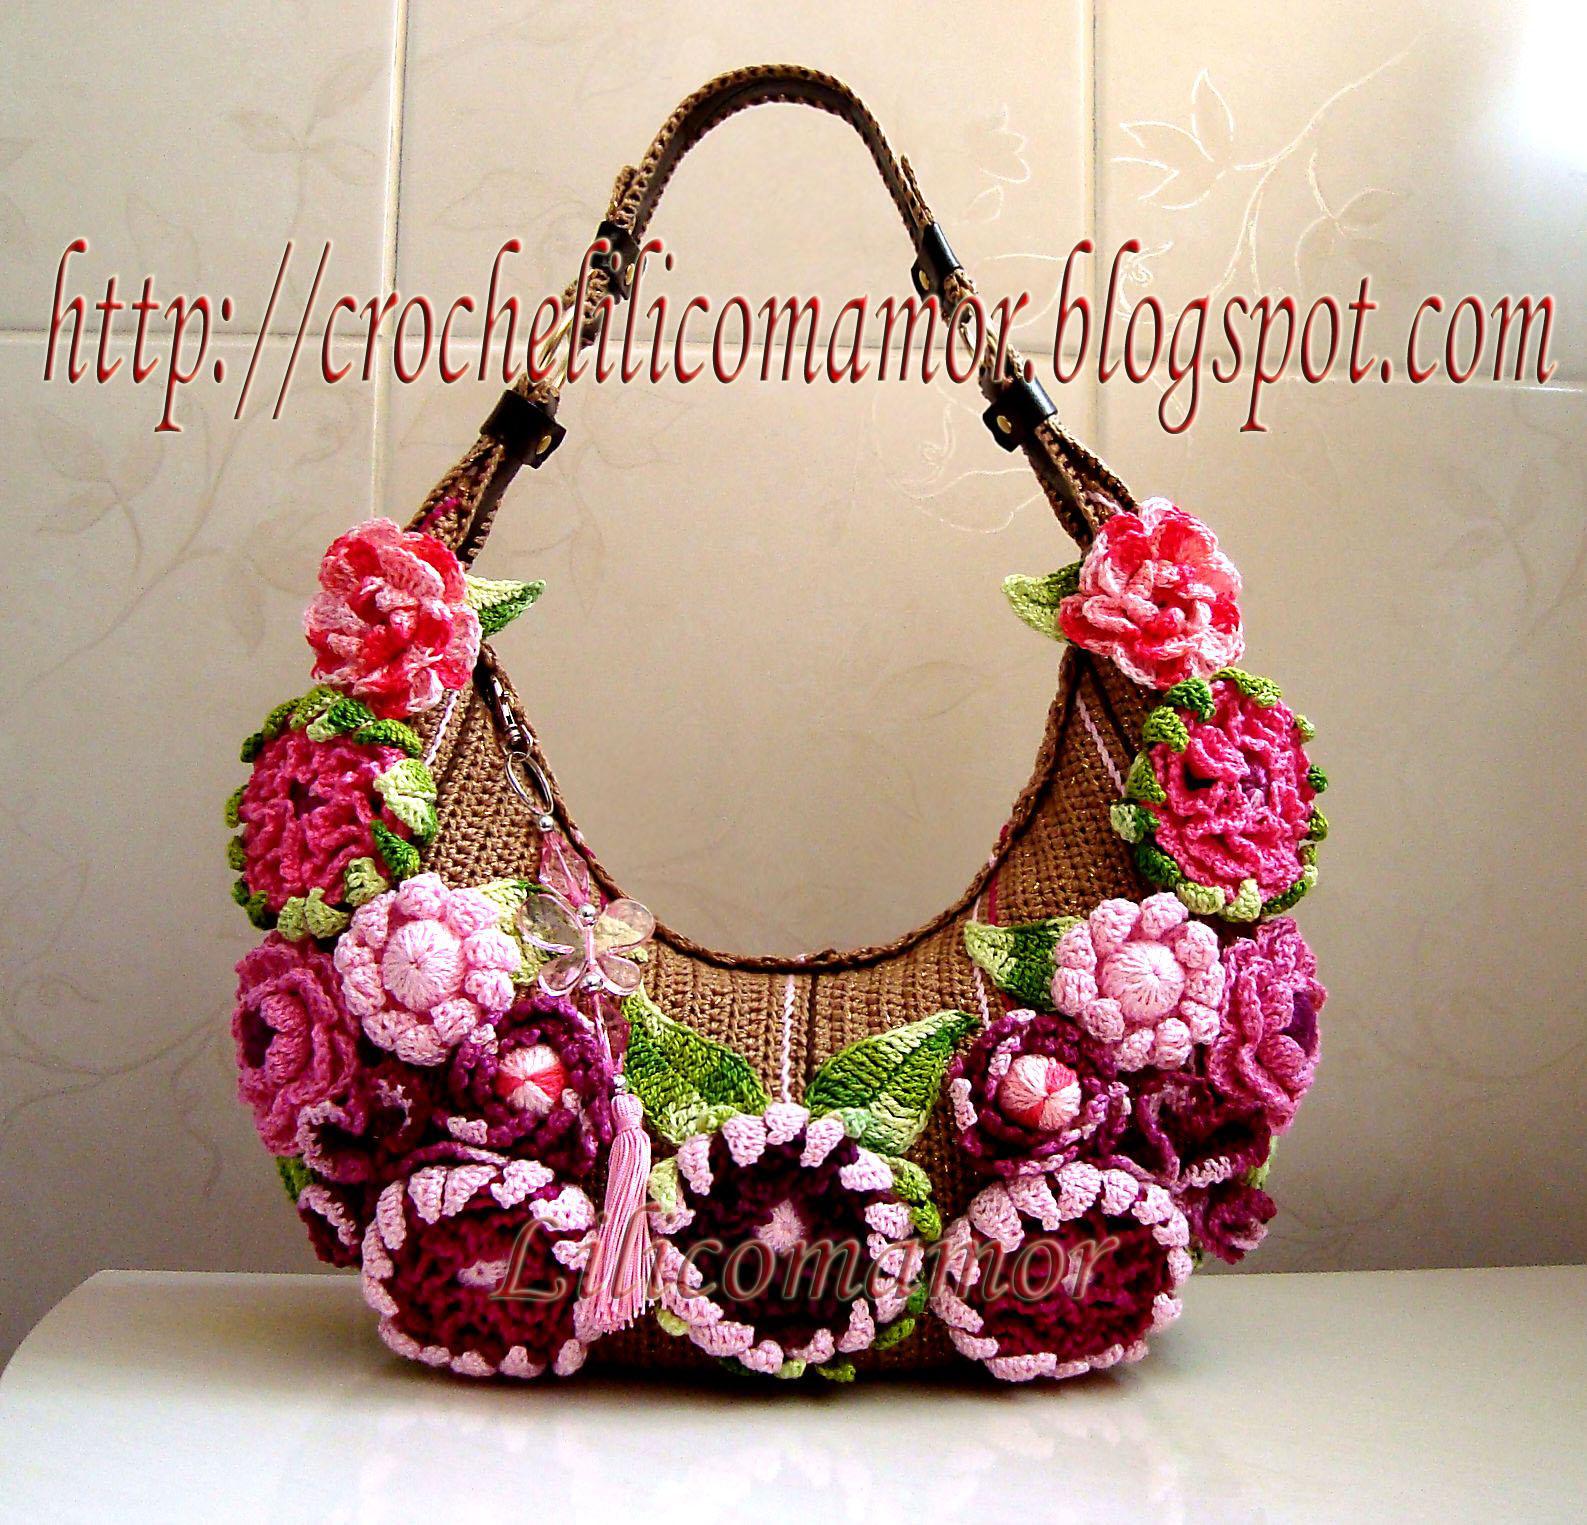 Bolsa de croche com flores - original - by lila.